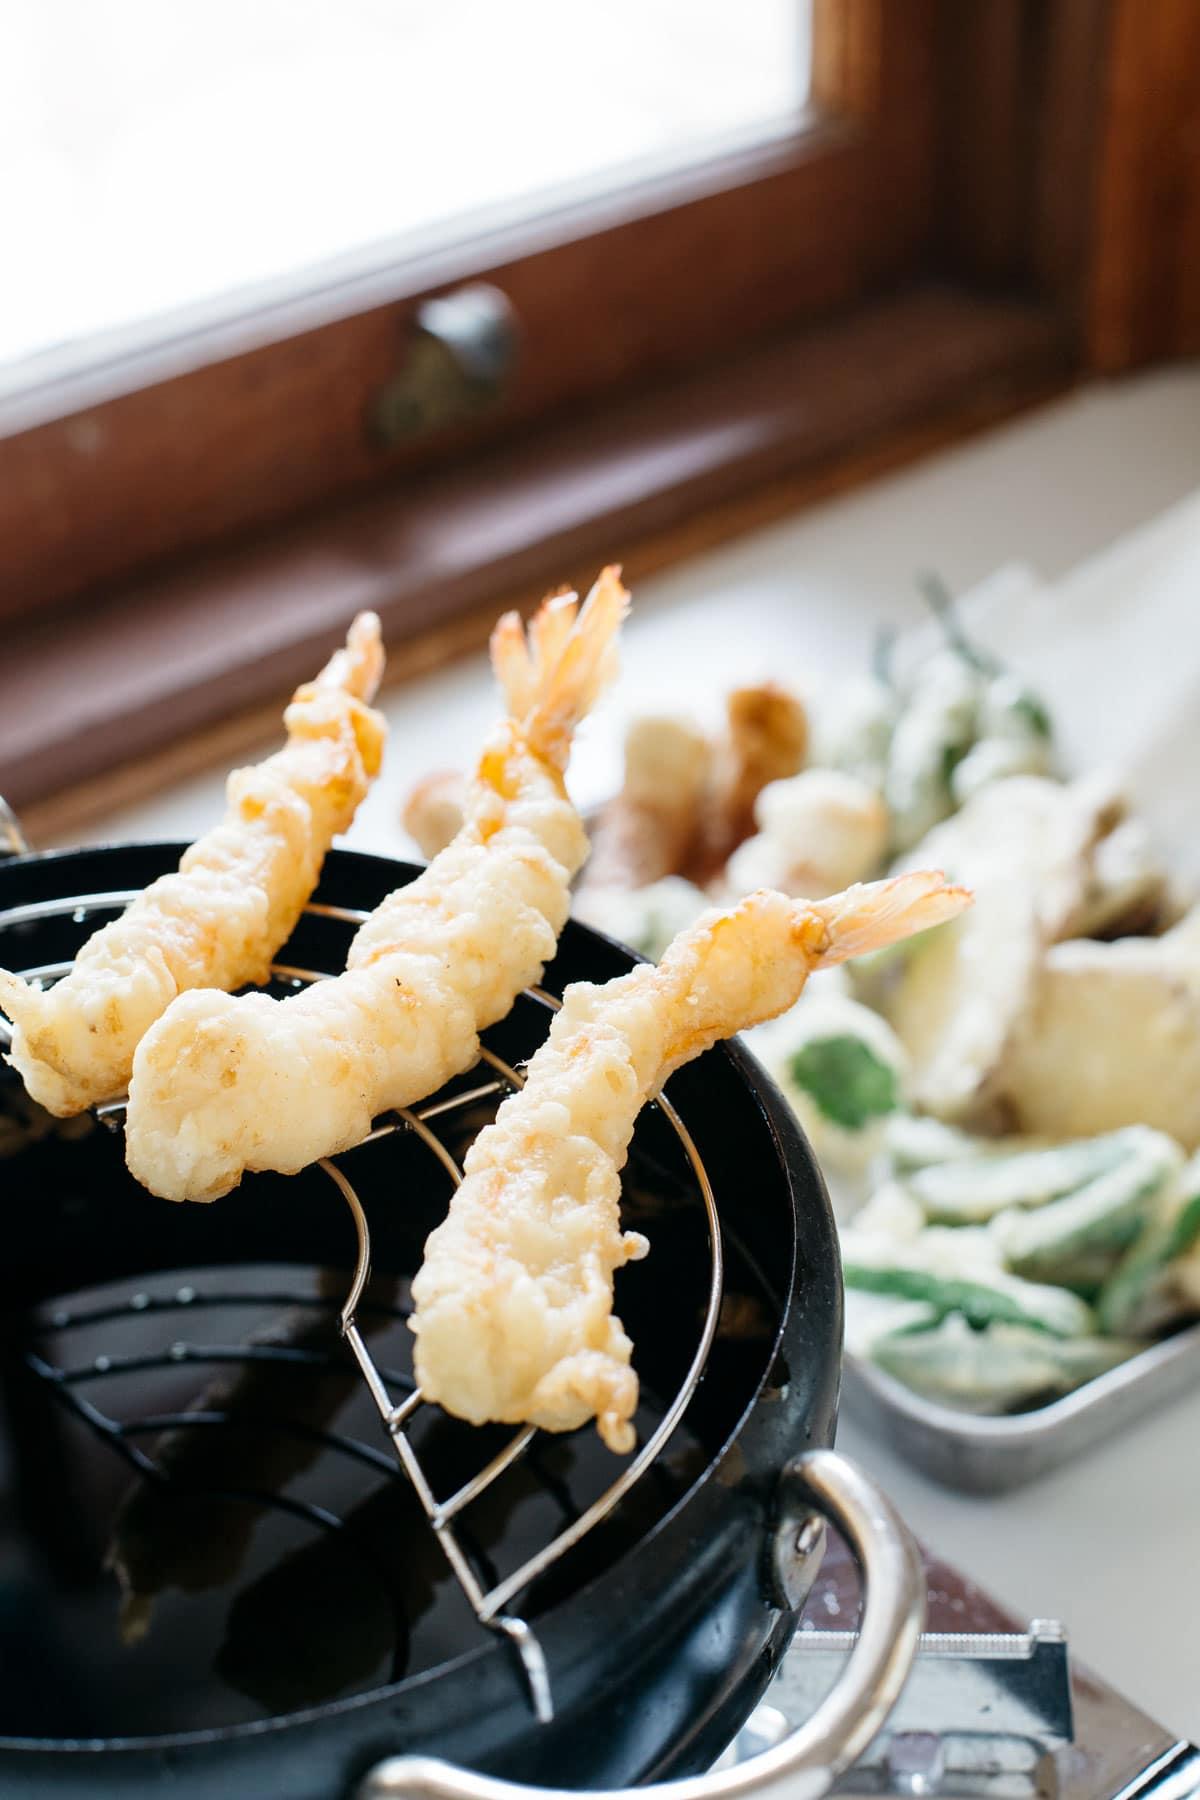 Three prawn tempura just deep fried and resting on a lack